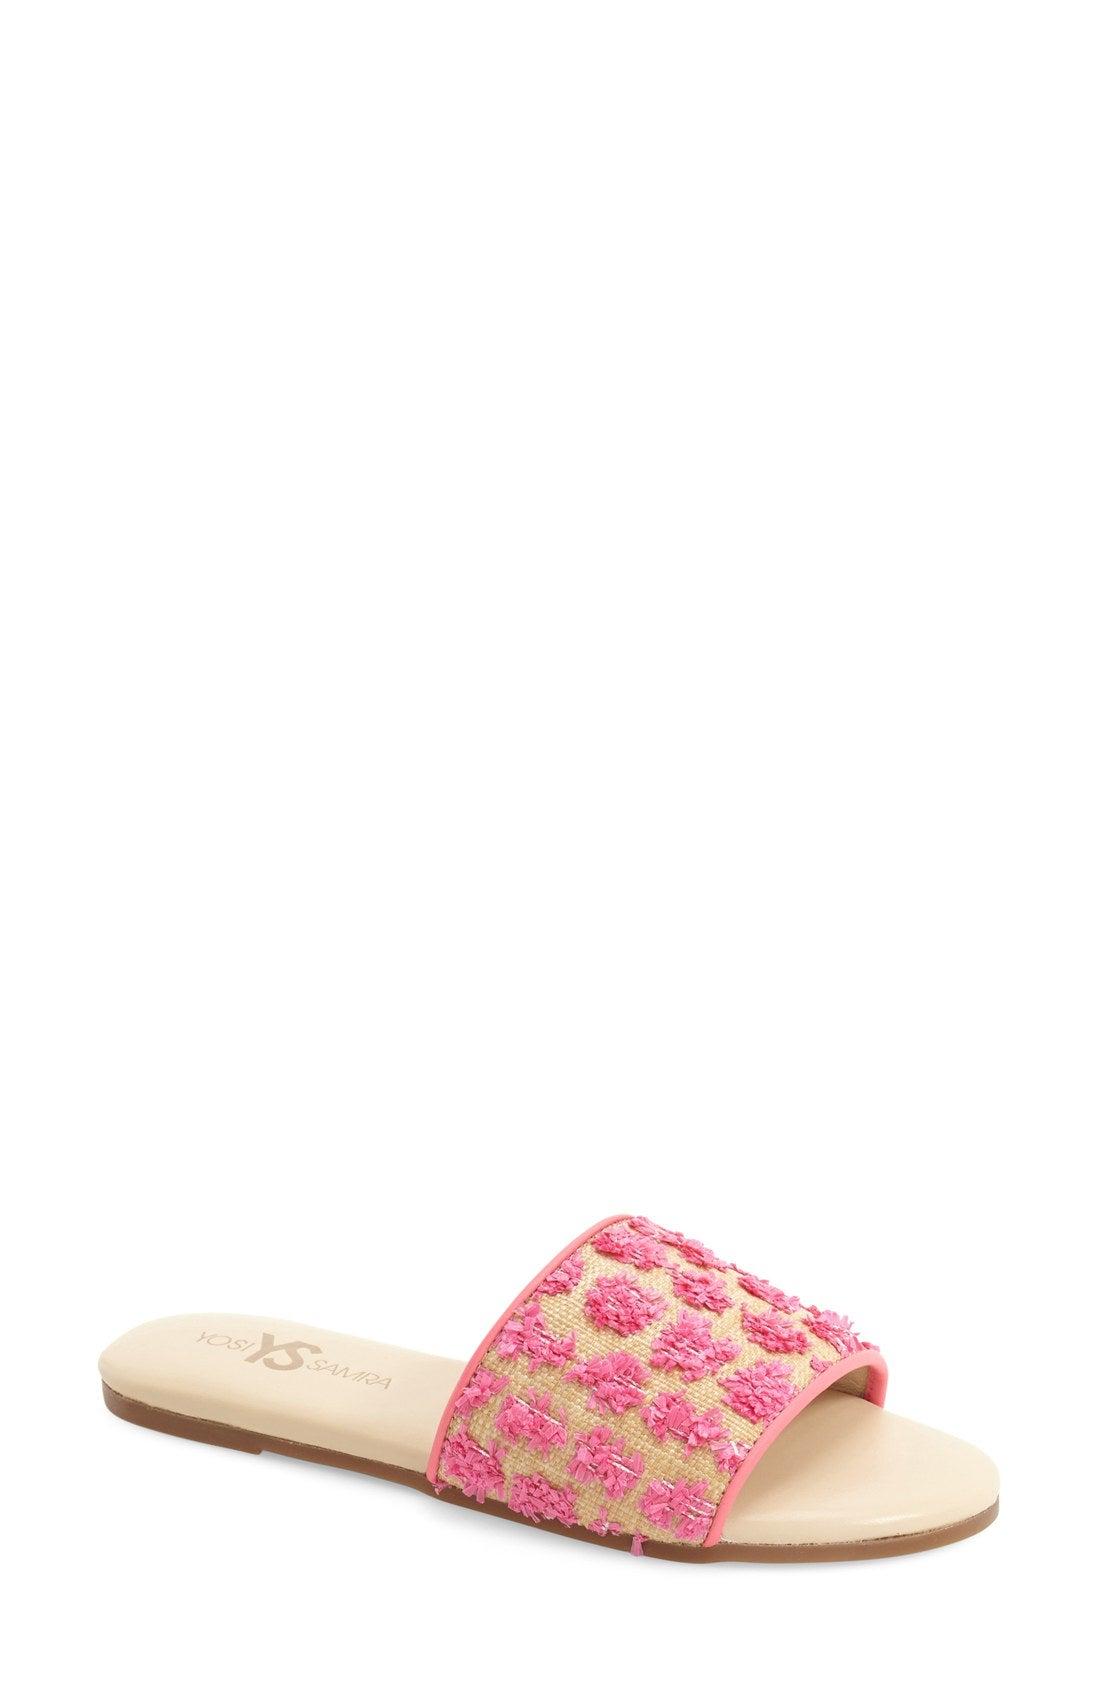 e96c0ccde092 Let it Slide  Summer s Must-Have Slide-On Sandals - Essence